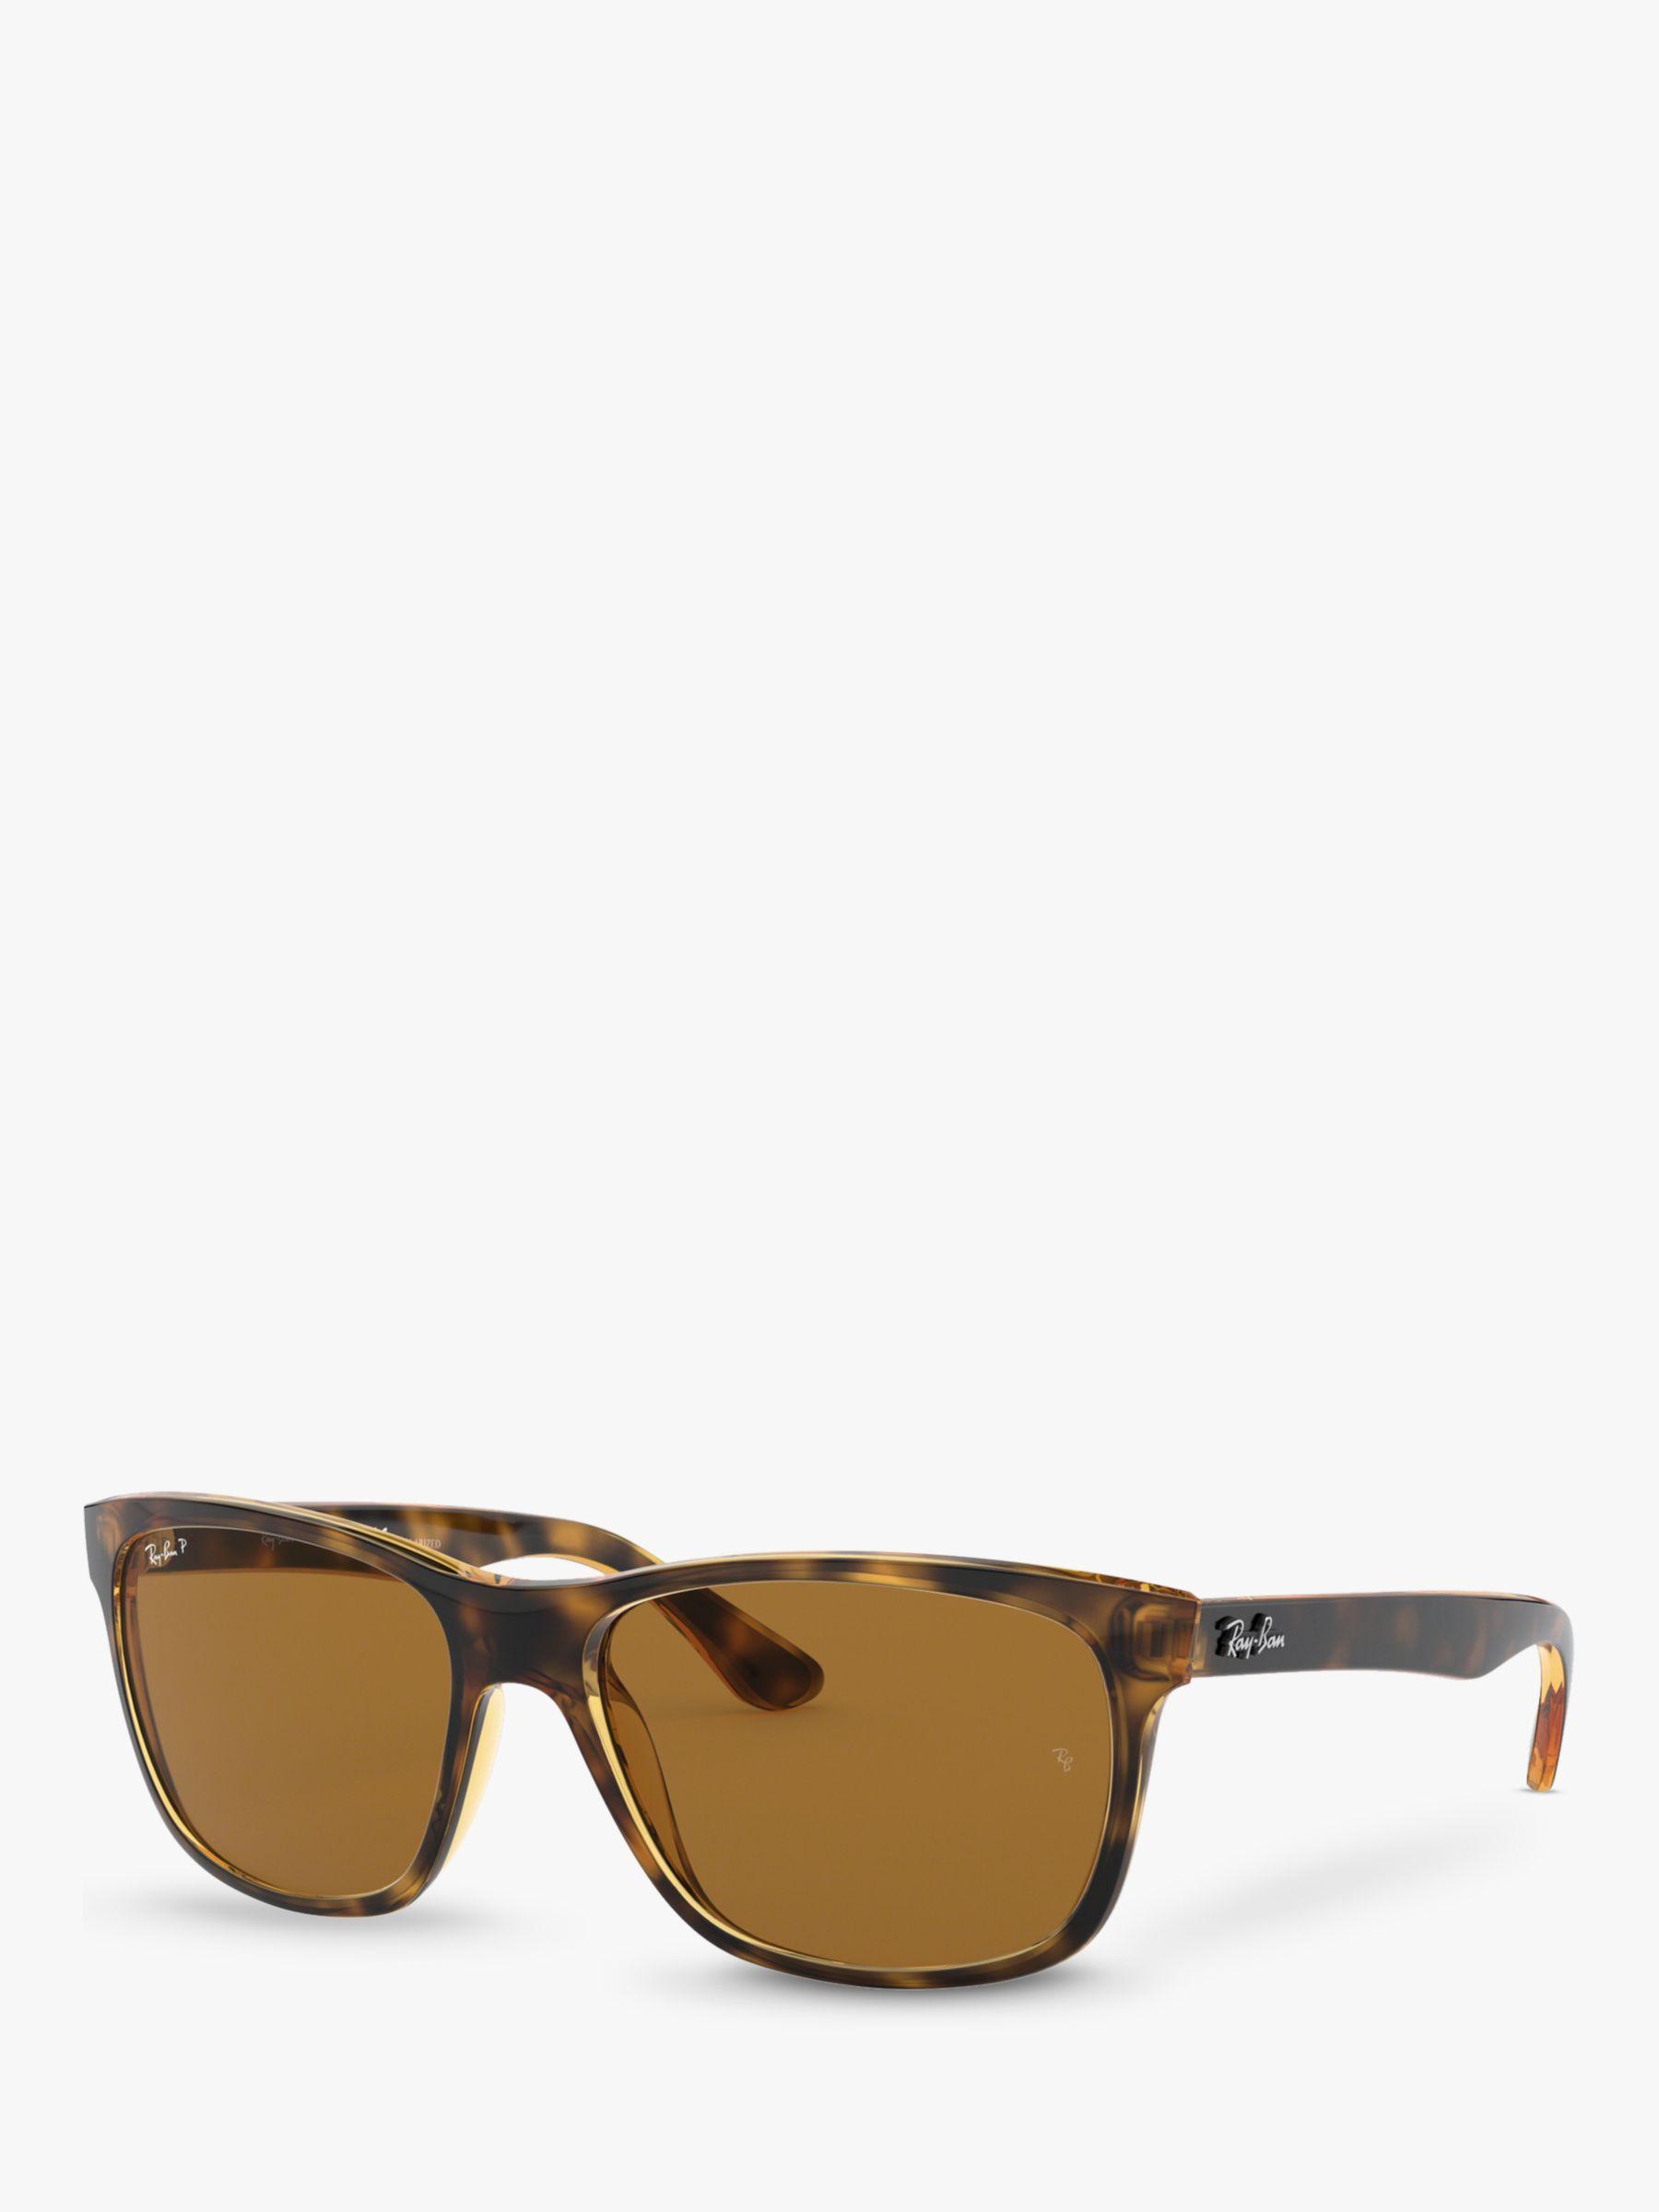 Ray-ban Ray-Ban RB4181 Sunglasses, Havana Brown